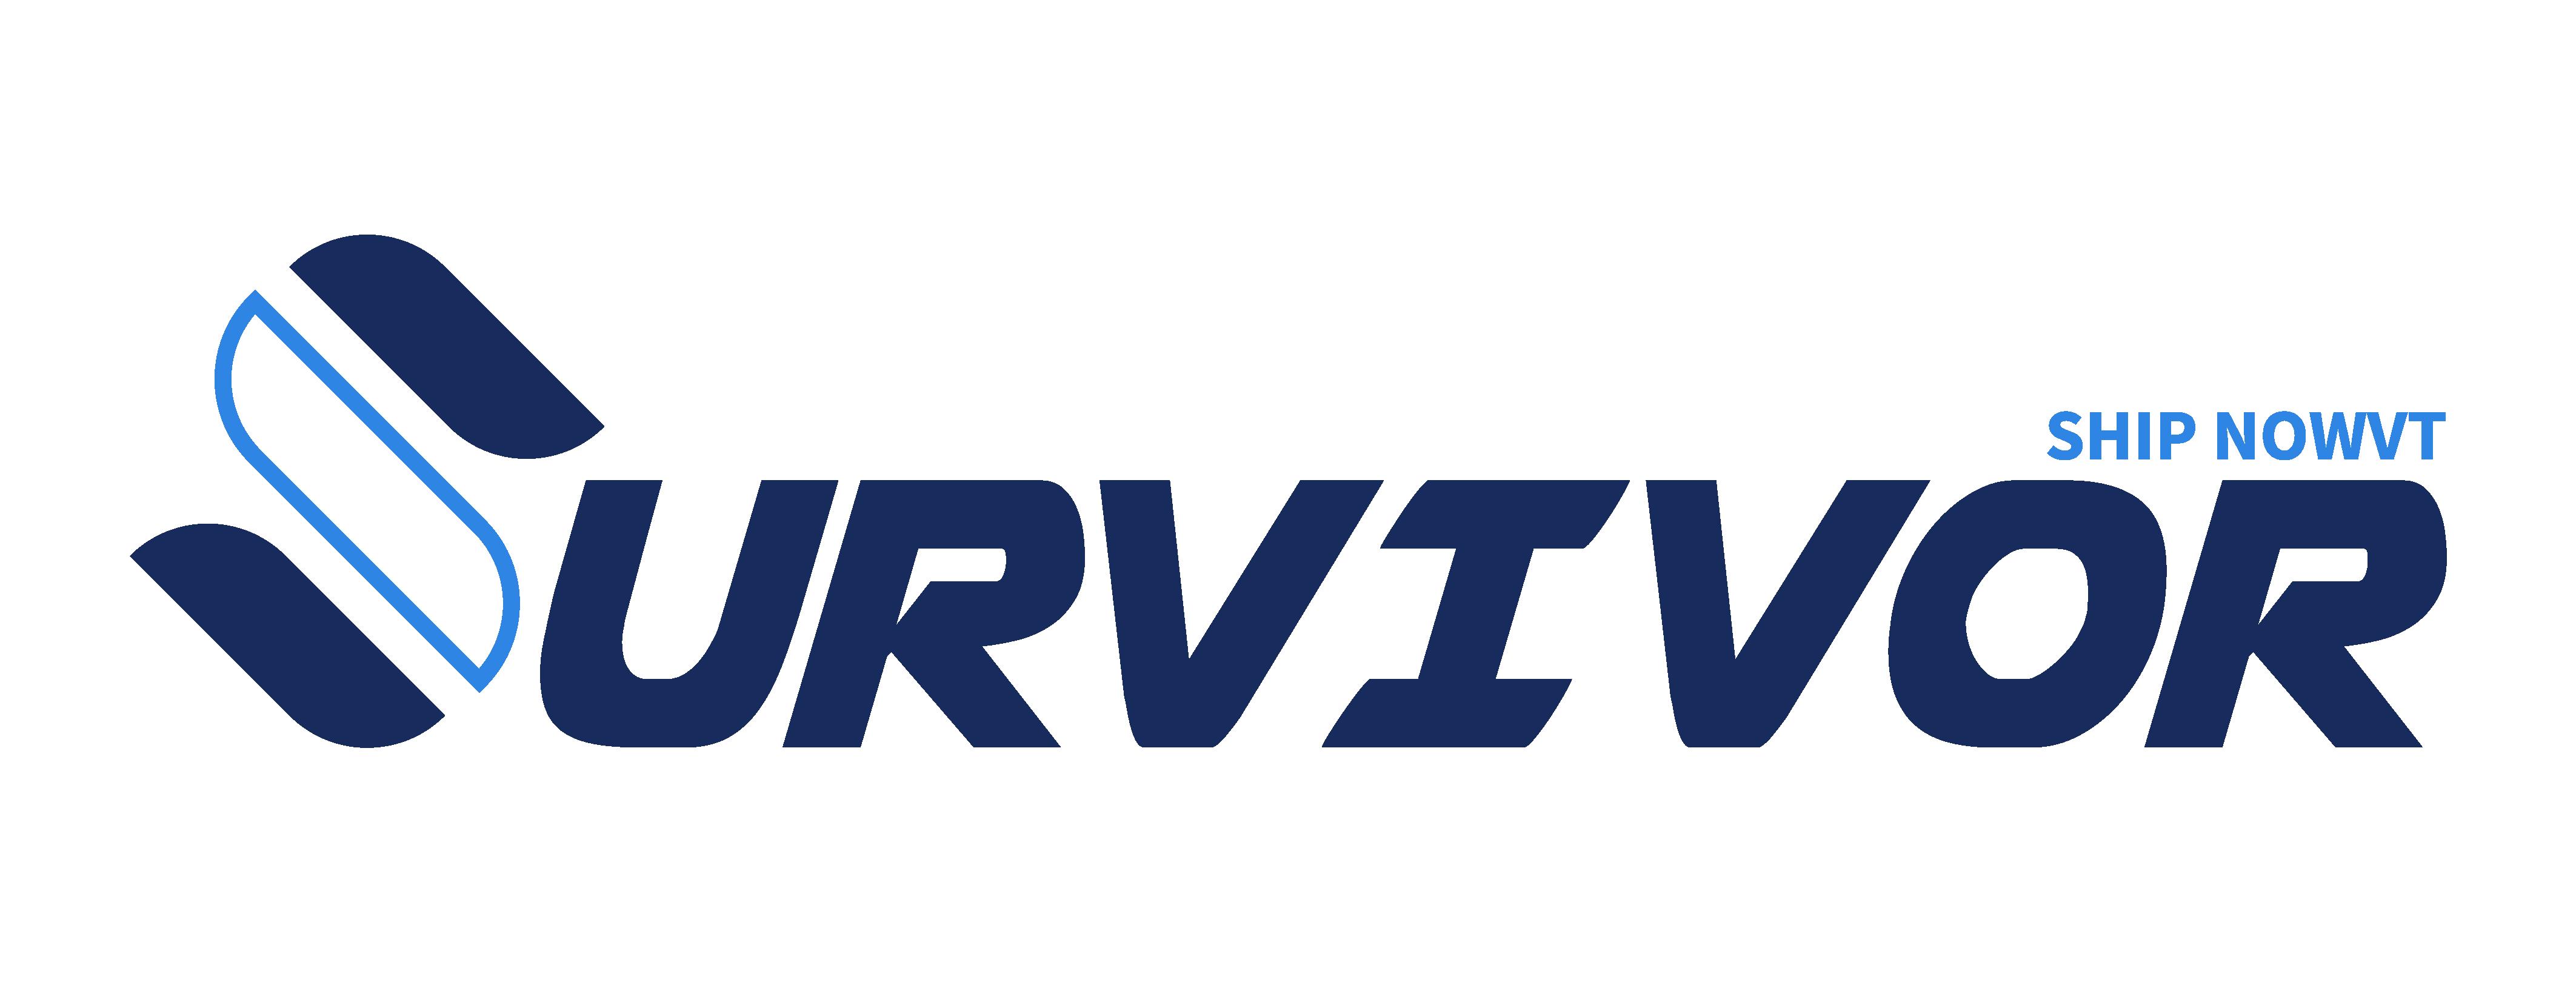 Survivor Ship Now VT